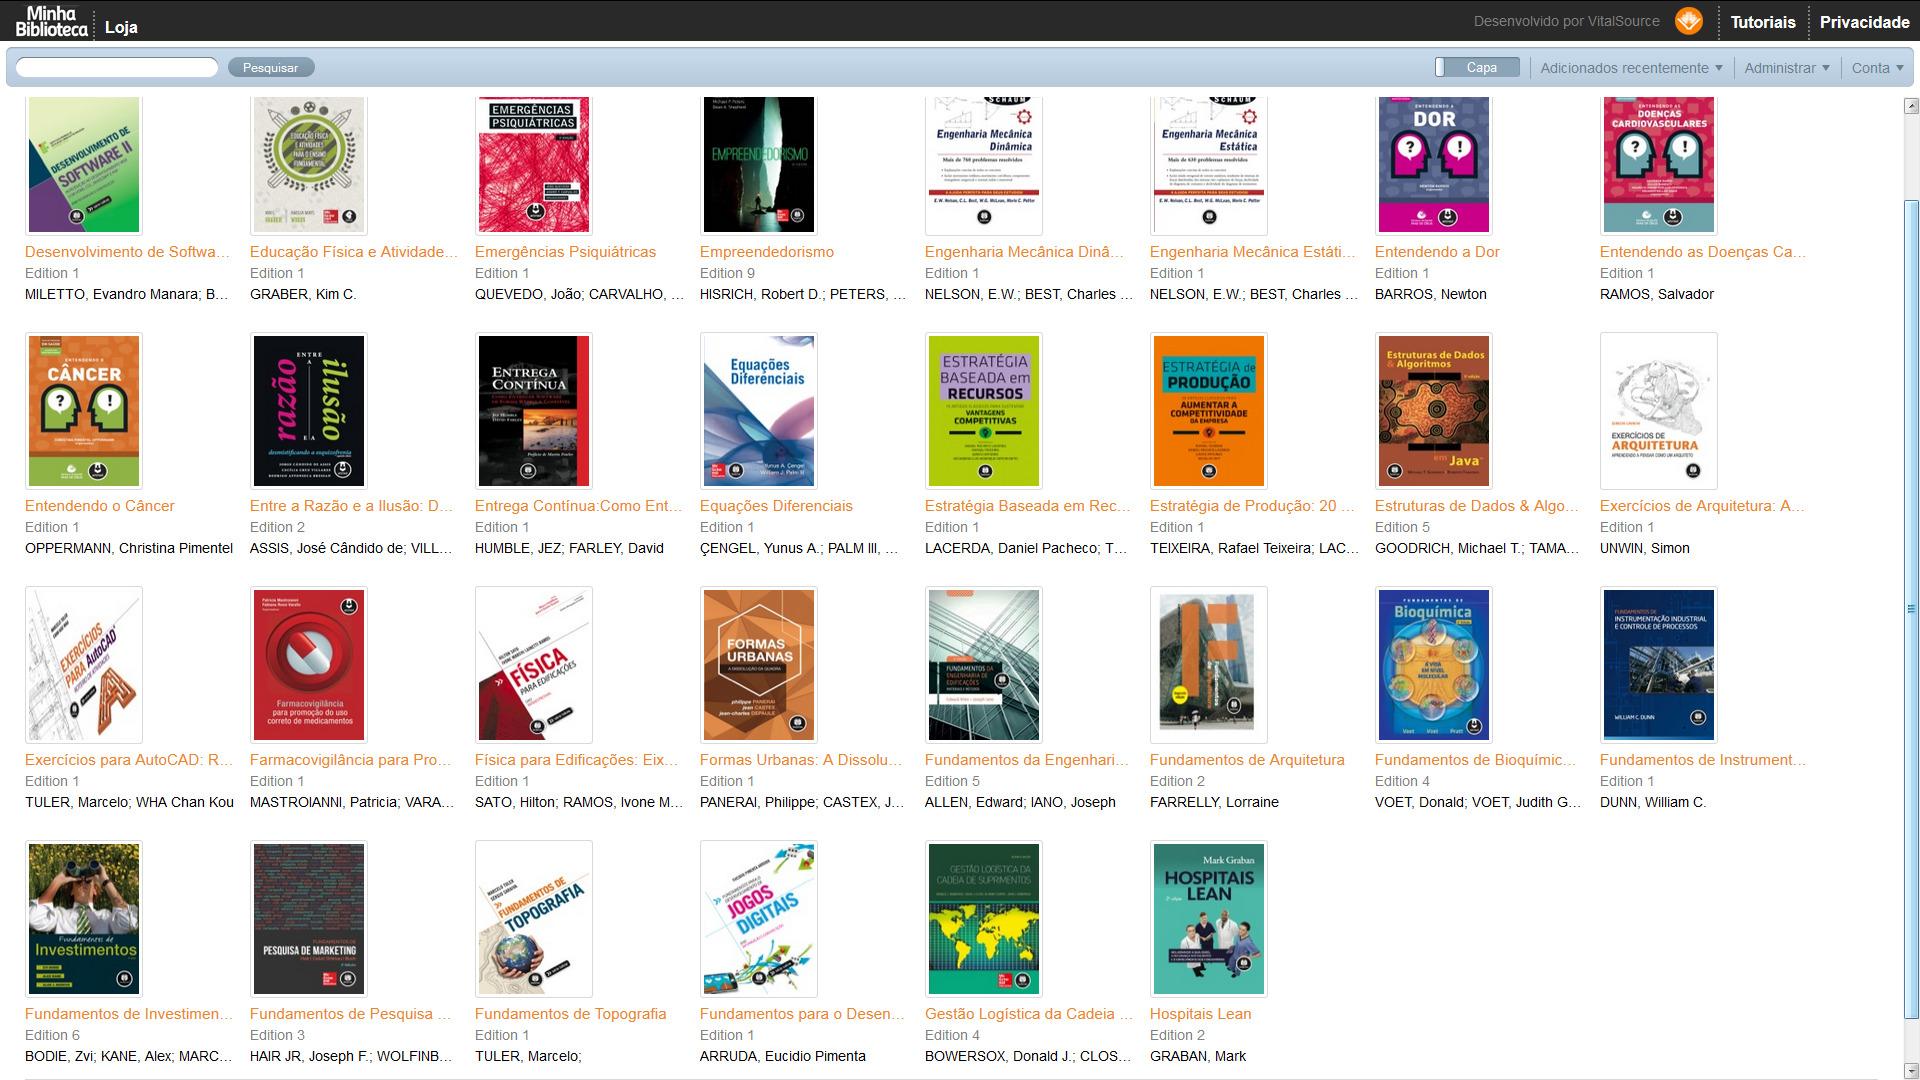 minha_biblioteca.png